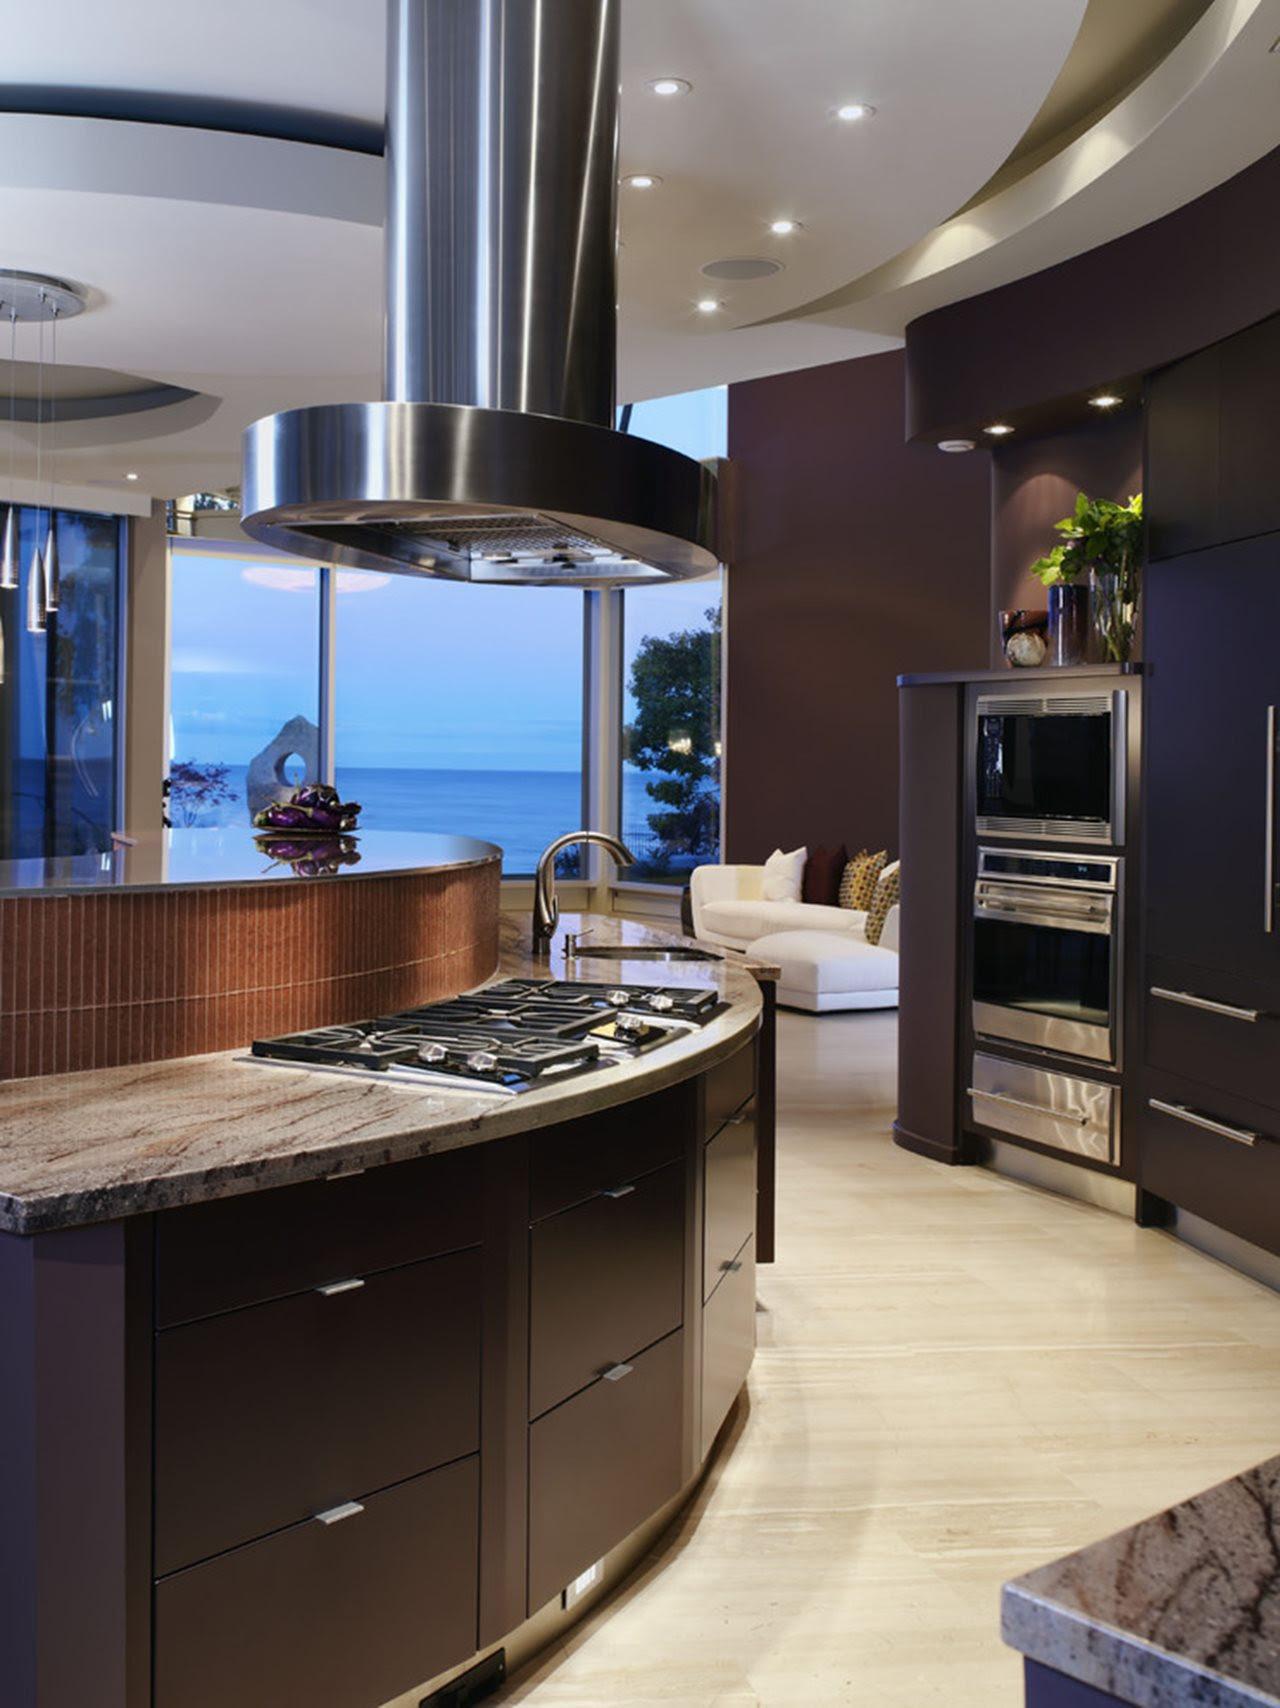 Image Result For Kitchen Design Rules